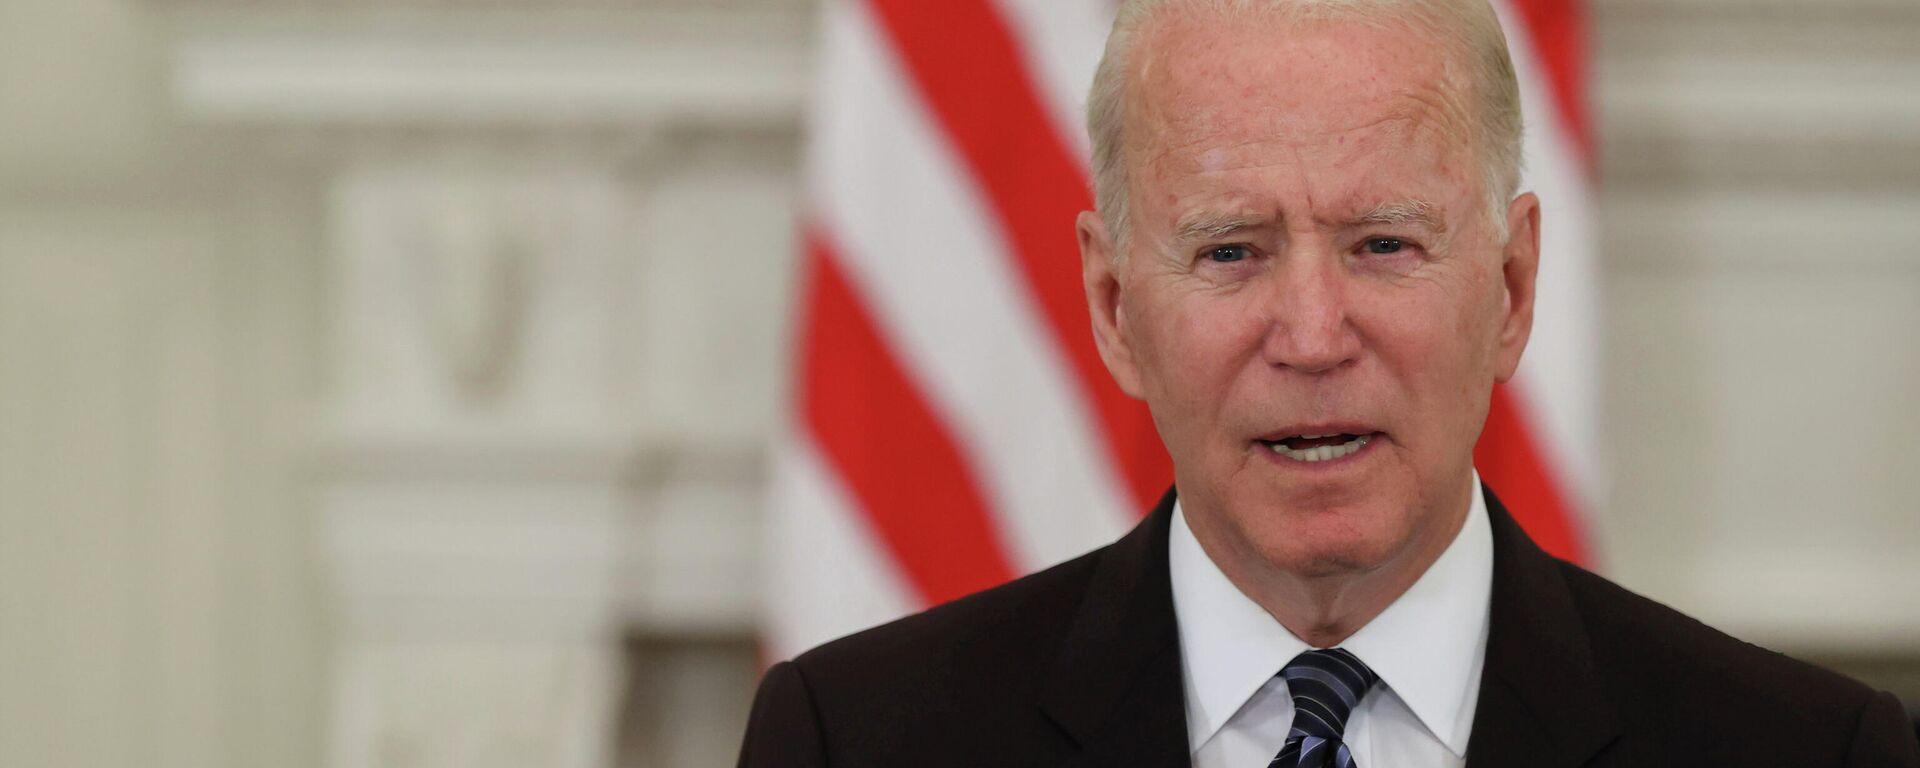 El presidente de EEUU, Joe Biden - Sputnik Mundo, 1920, 14.07.2021